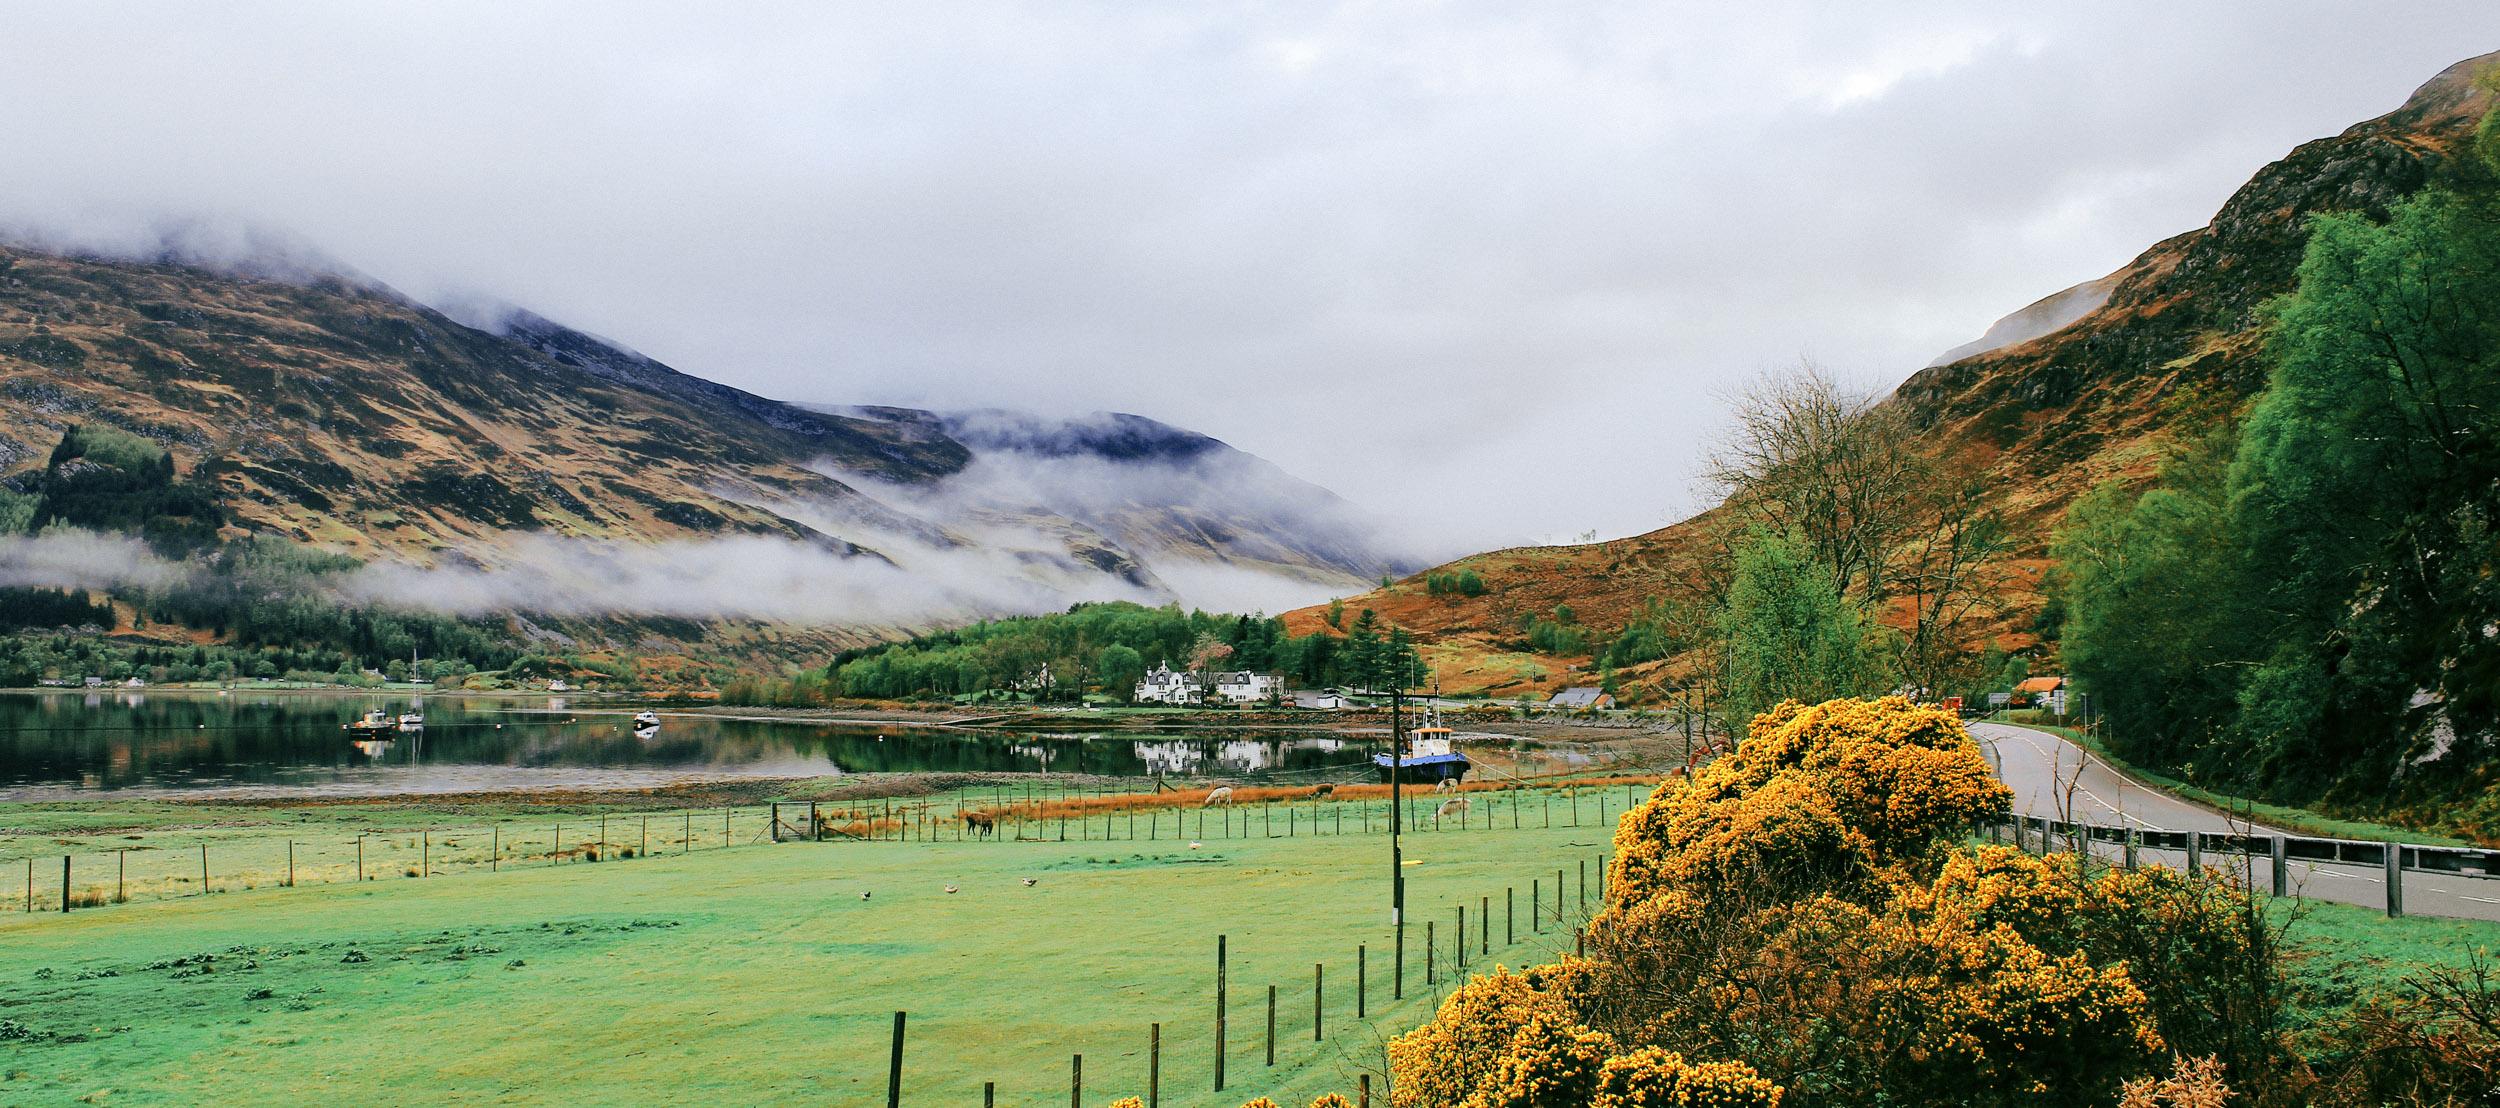 Опыты: путешествие по Англии и Шотландии 1